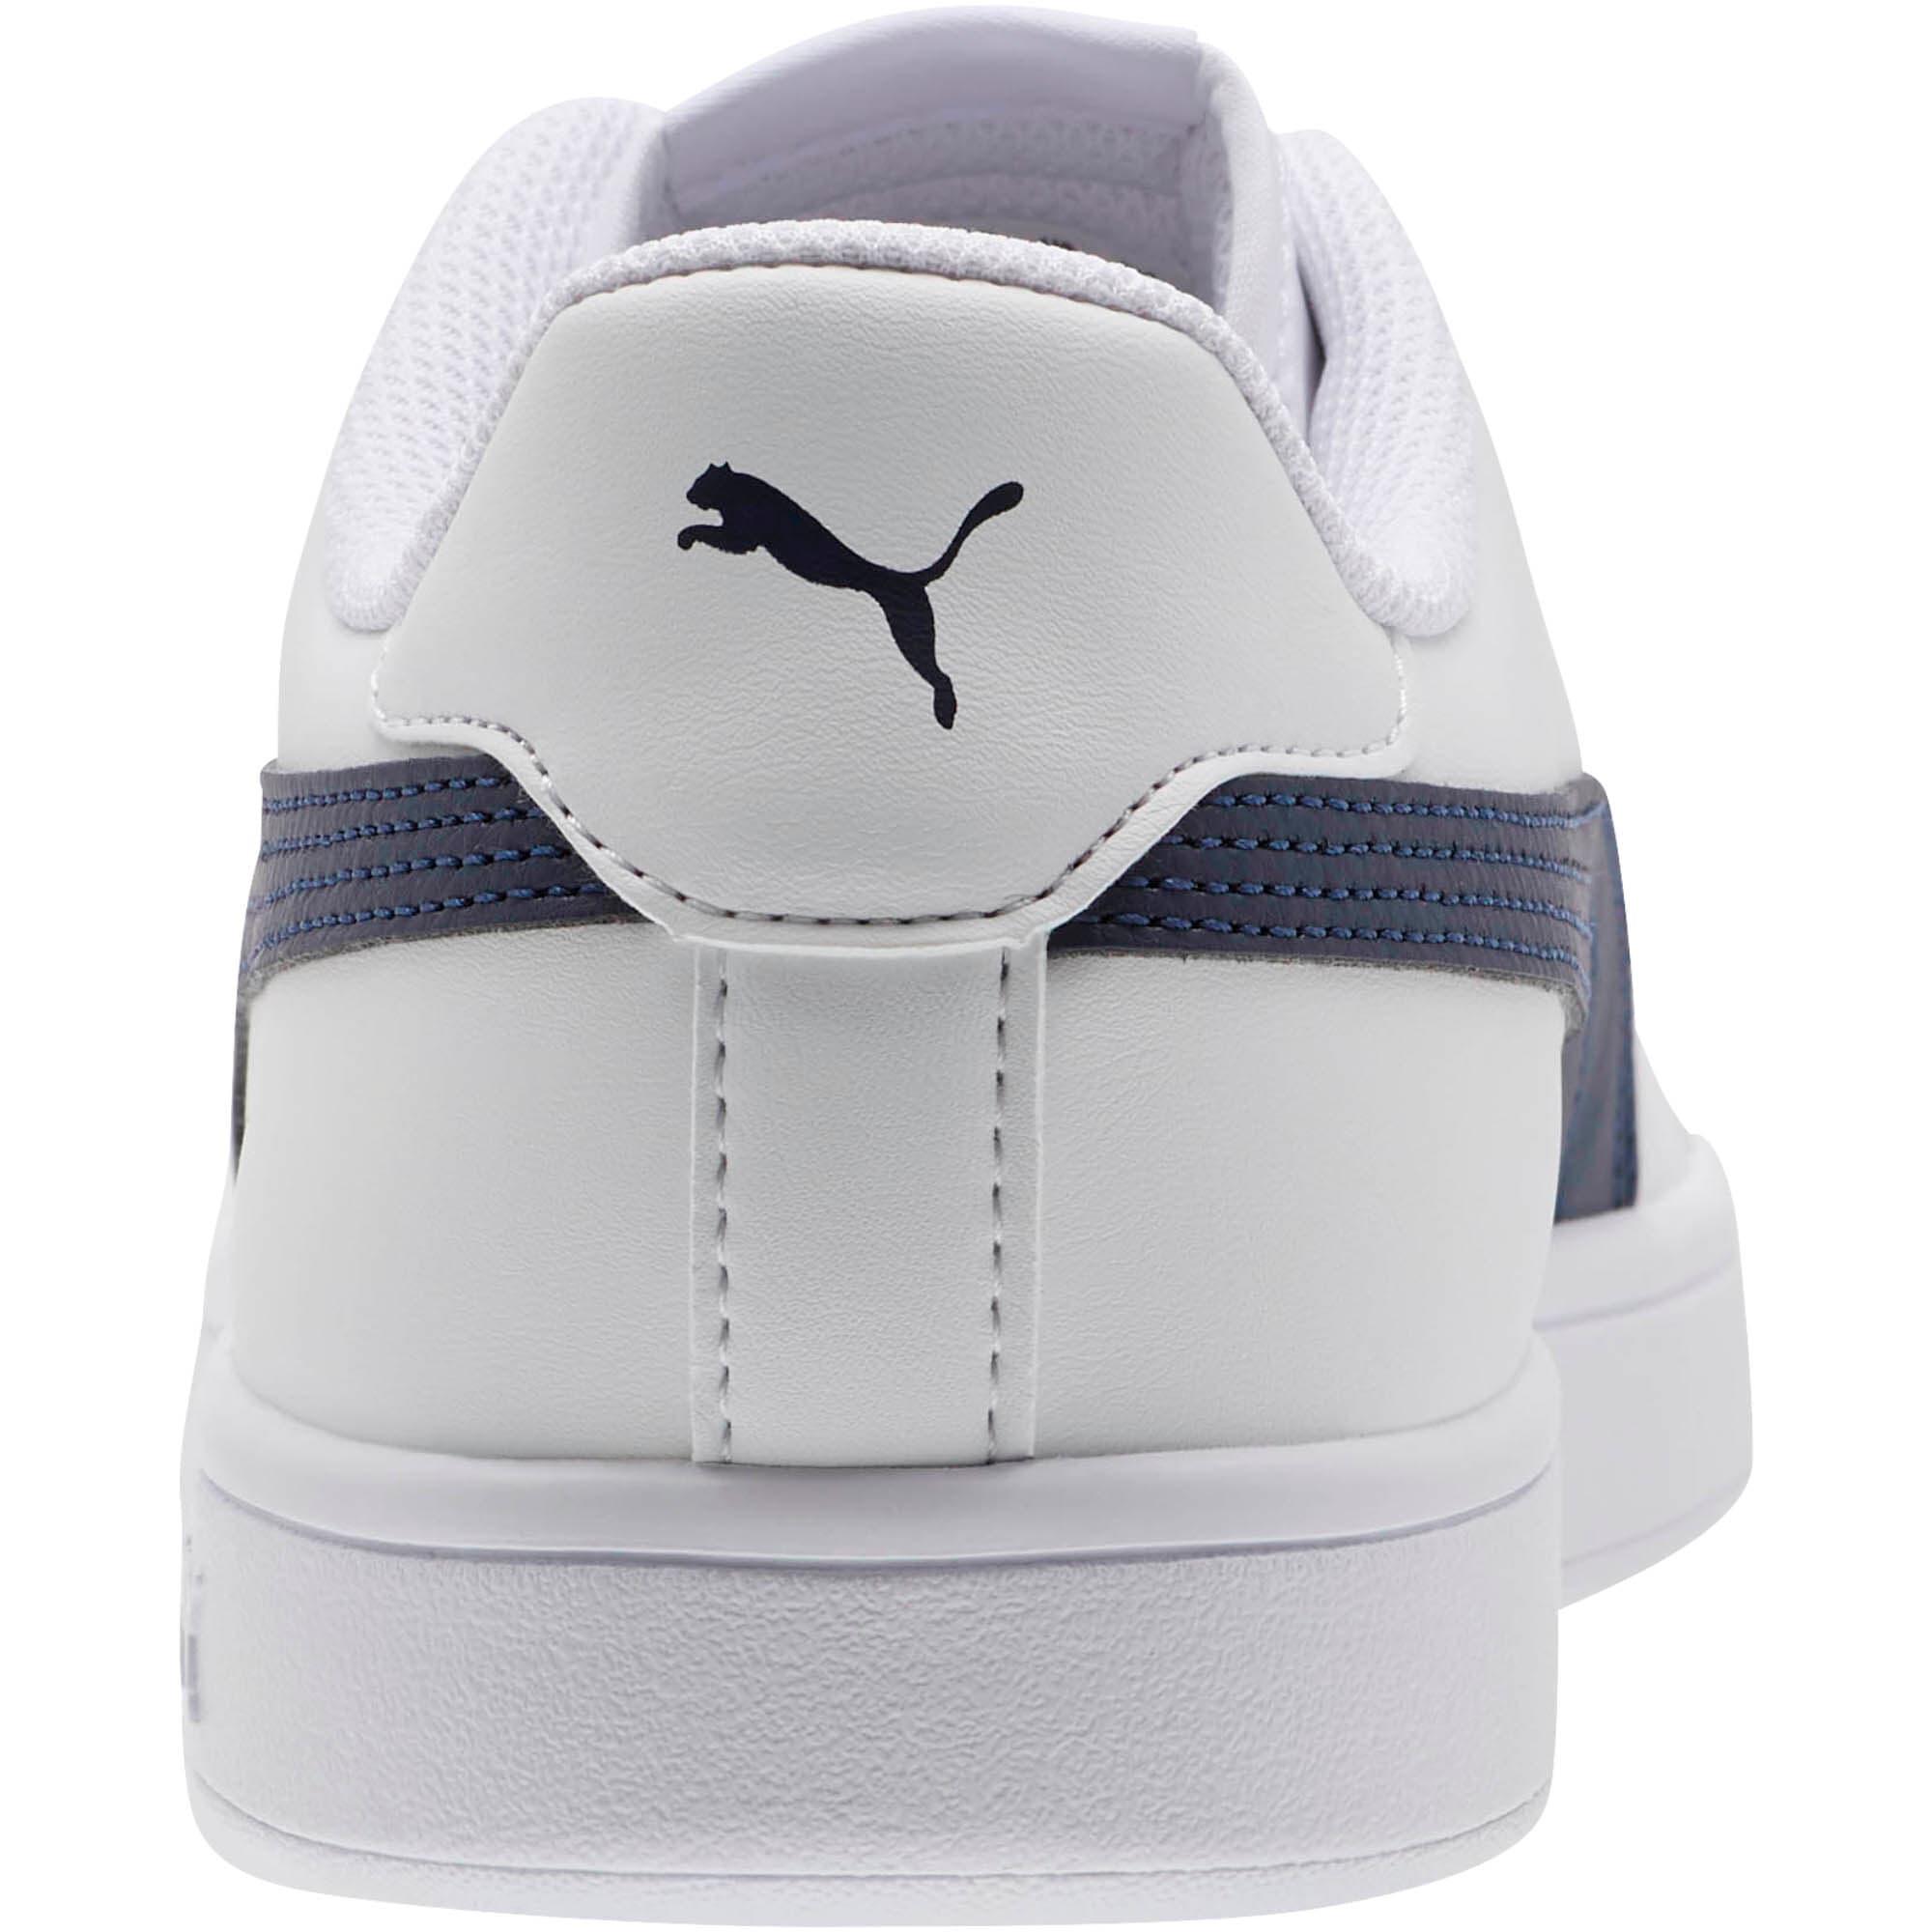 Miniatura 3 de Zapatos deportivosPUMA Smash v2, Puma White-Peacoat, mediano